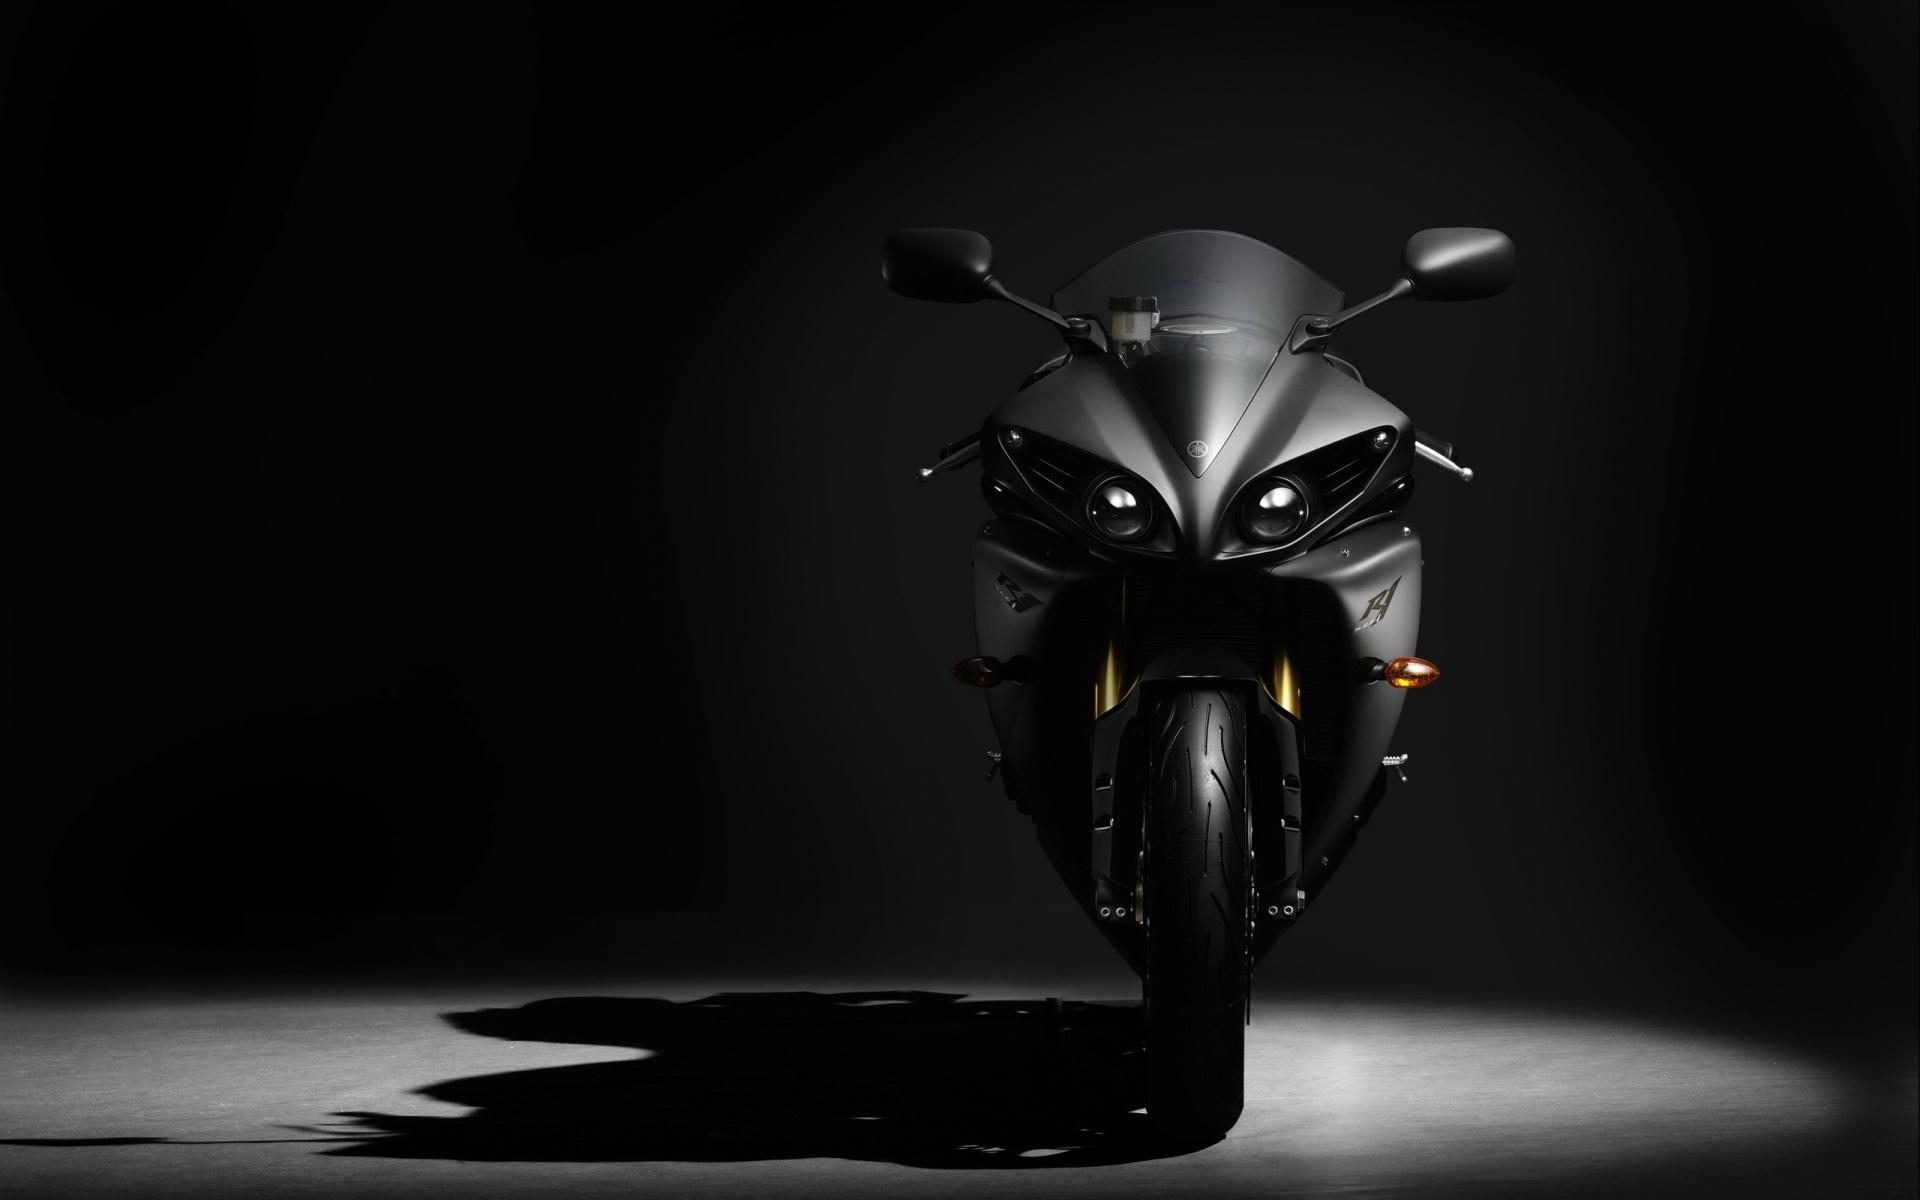 35888 скачать обои Транспорт, Ямаха (Yamaha), Мотоциклы - заставки и картинки бесплатно